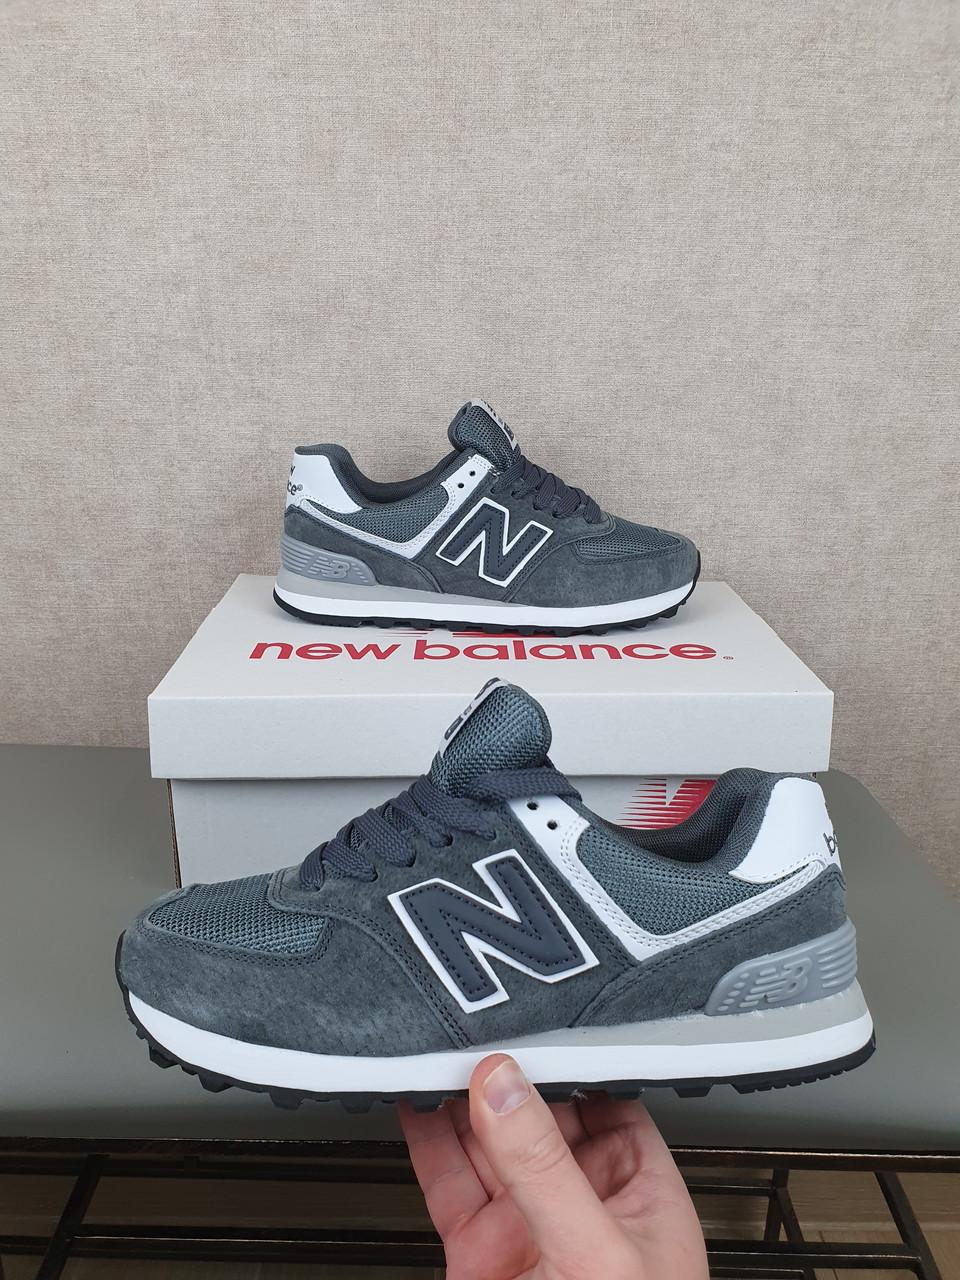 Кроси для дівчат Нью Баланс 574. New Balance 574 Жіночі кросівки сірі (Нью Беленс 574)